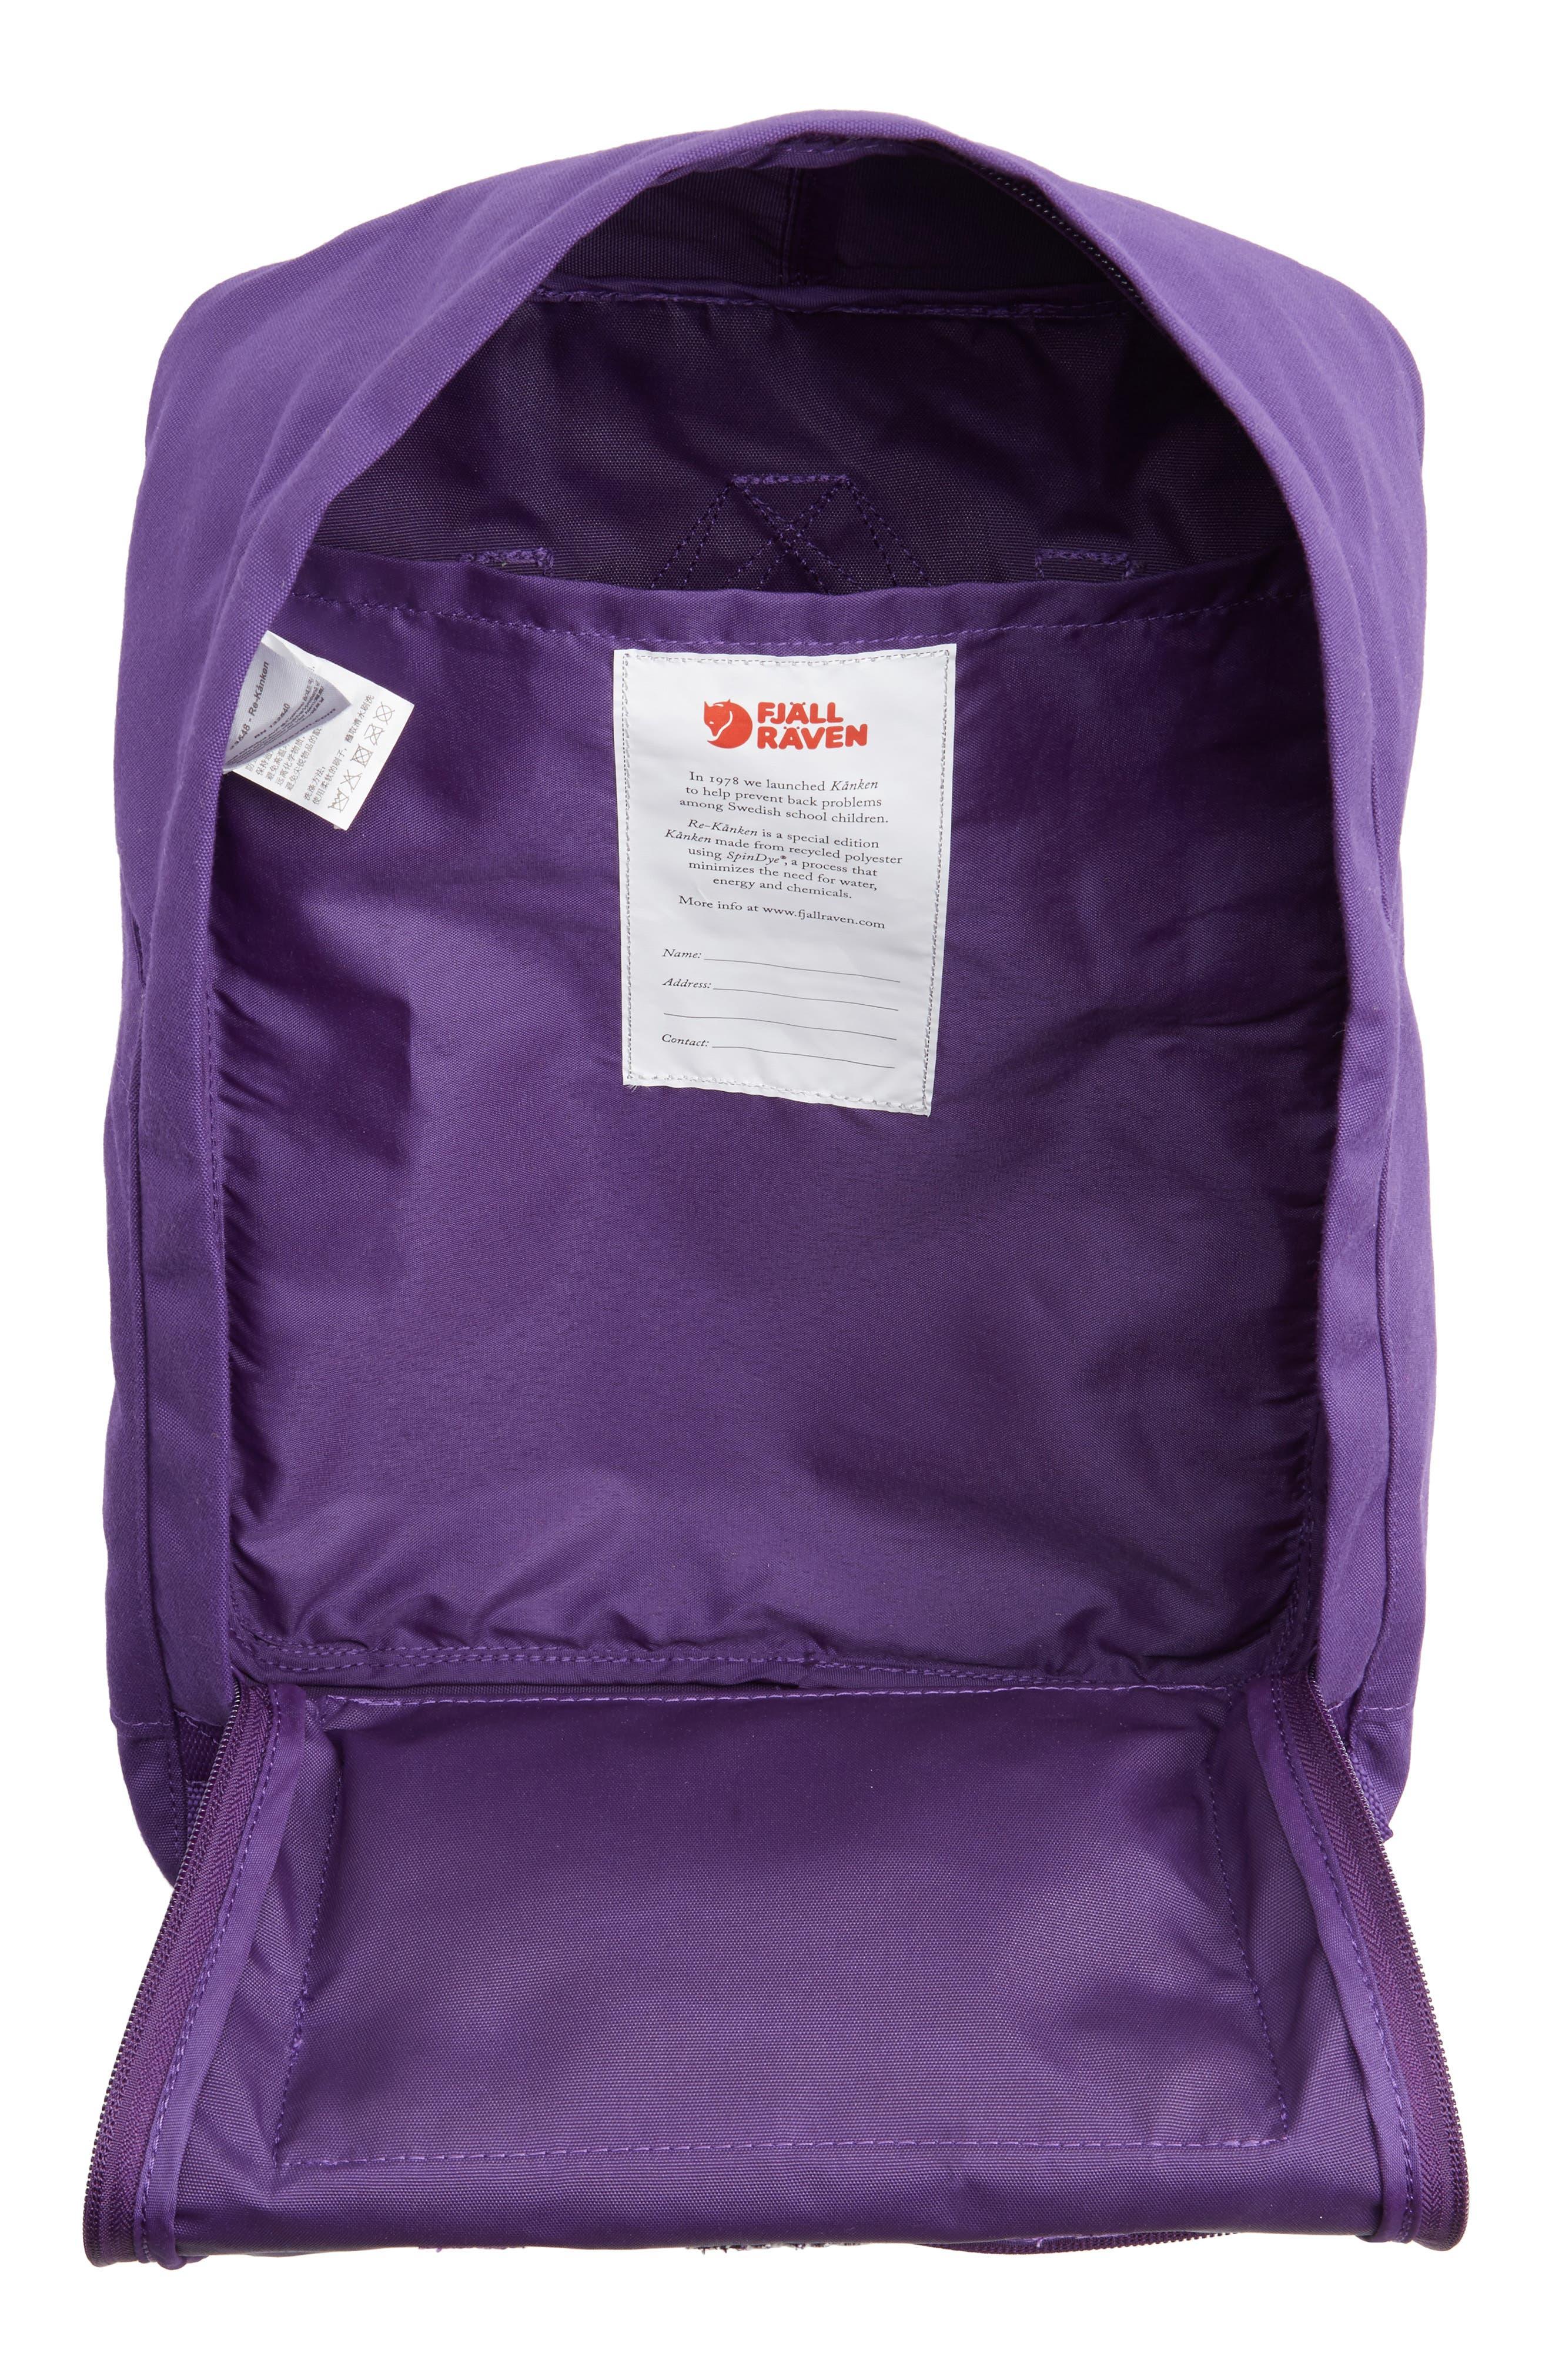 Re-Kånken Water Resistant Backpack,                             Alternate thumbnail 4, color,                             DEEP VIOLET